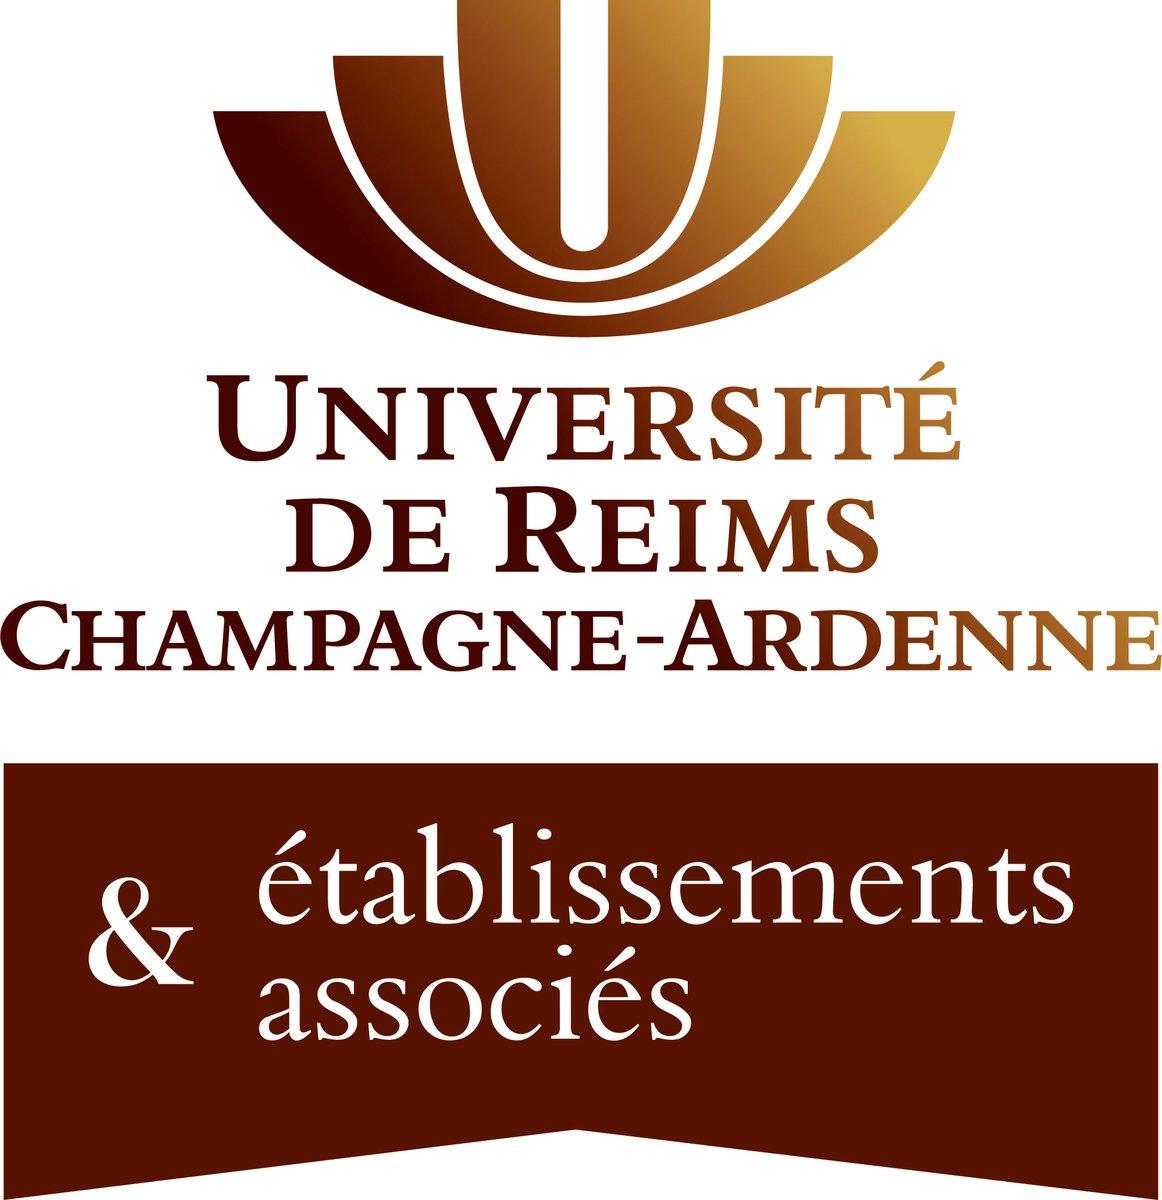 Université de Reims Champagne Ardenne et établissements associés